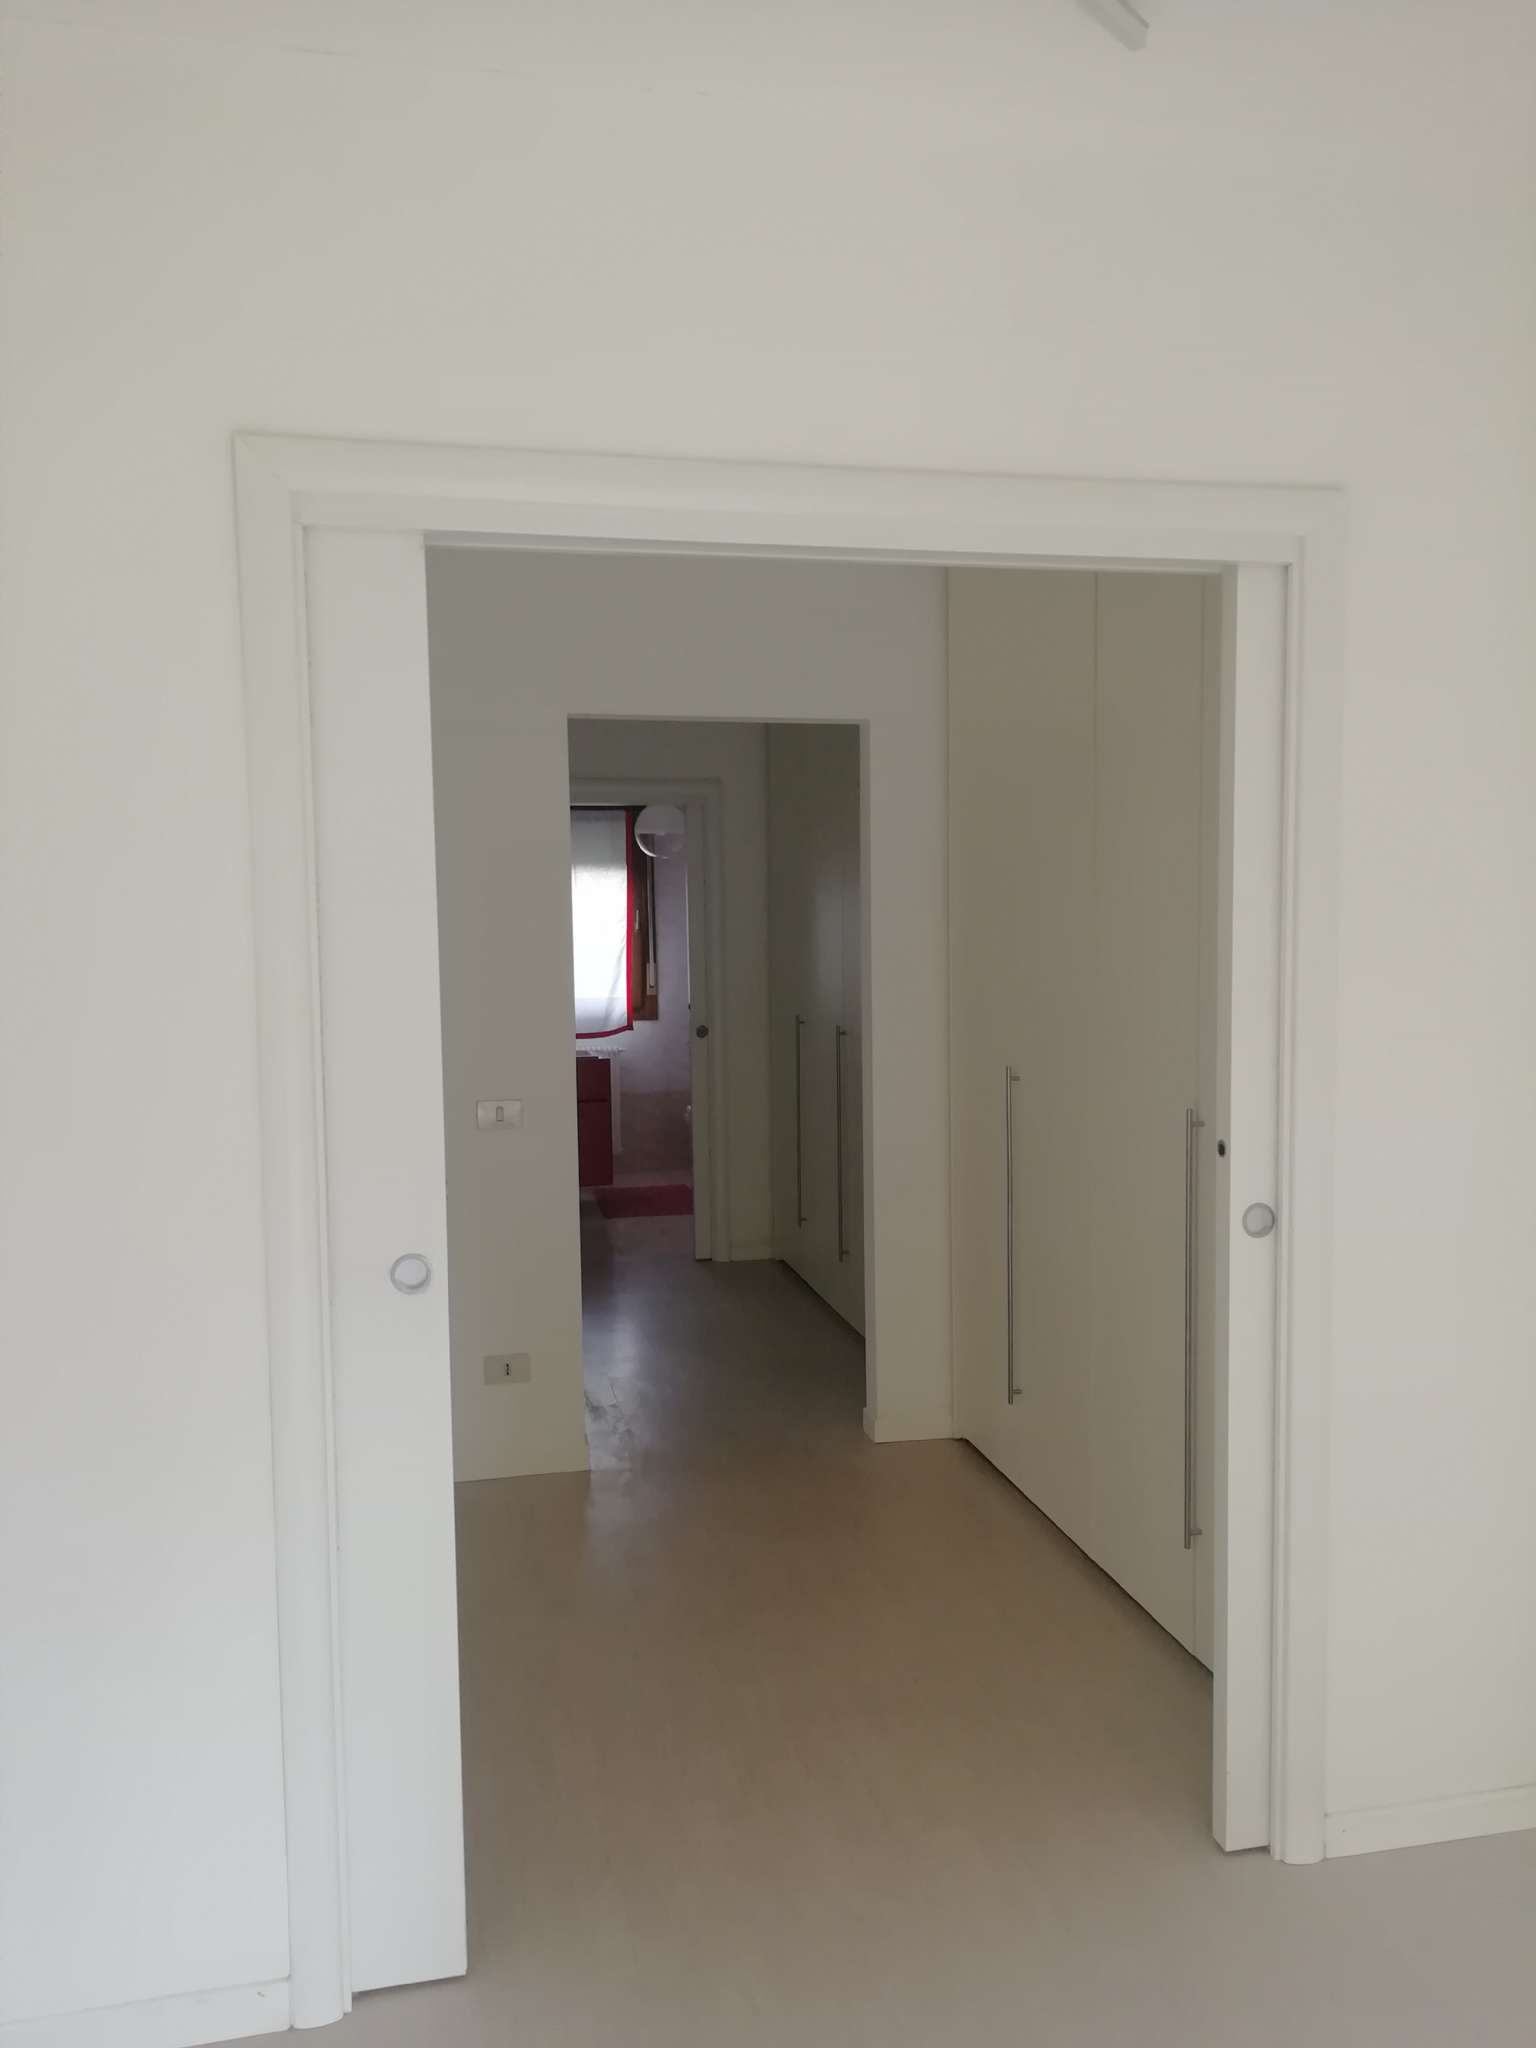 Appartamento in vendita a Mira, 3 locali, prezzo € 119.000 | PortaleAgenzieImmobiliari.it